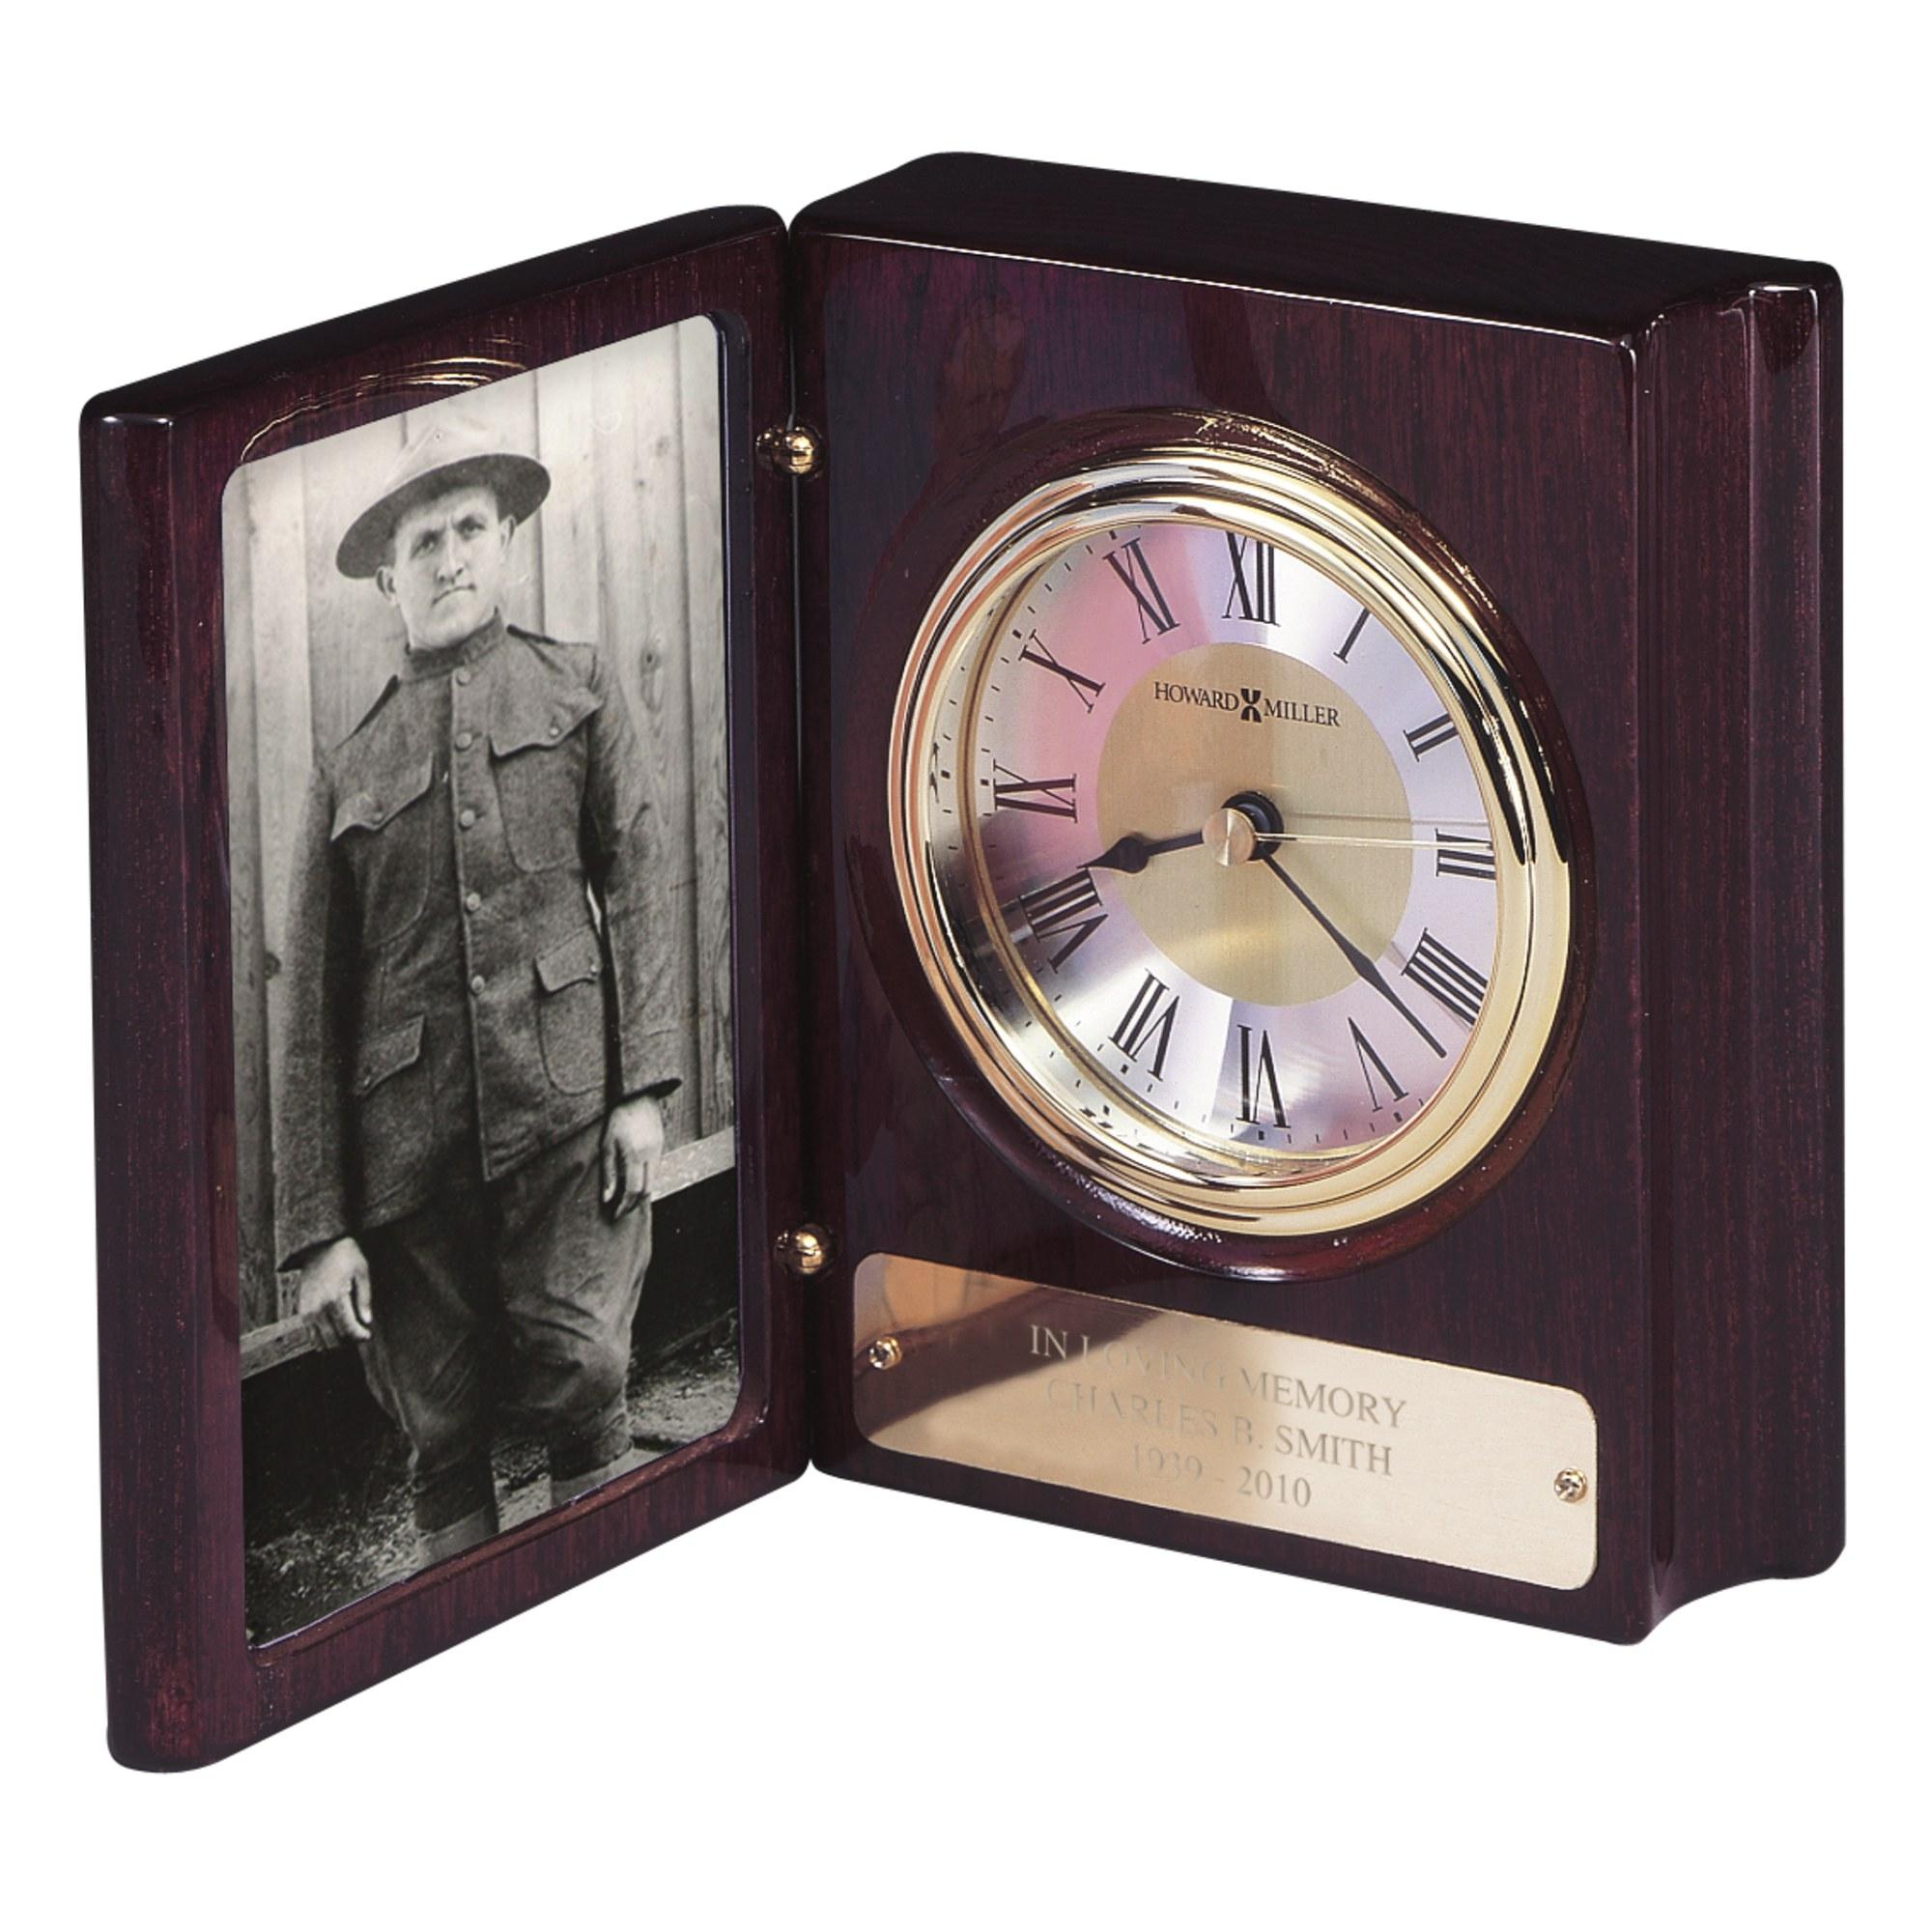 Image for 800-125 Portrait Book Keepsake from Howard Miller Official Website